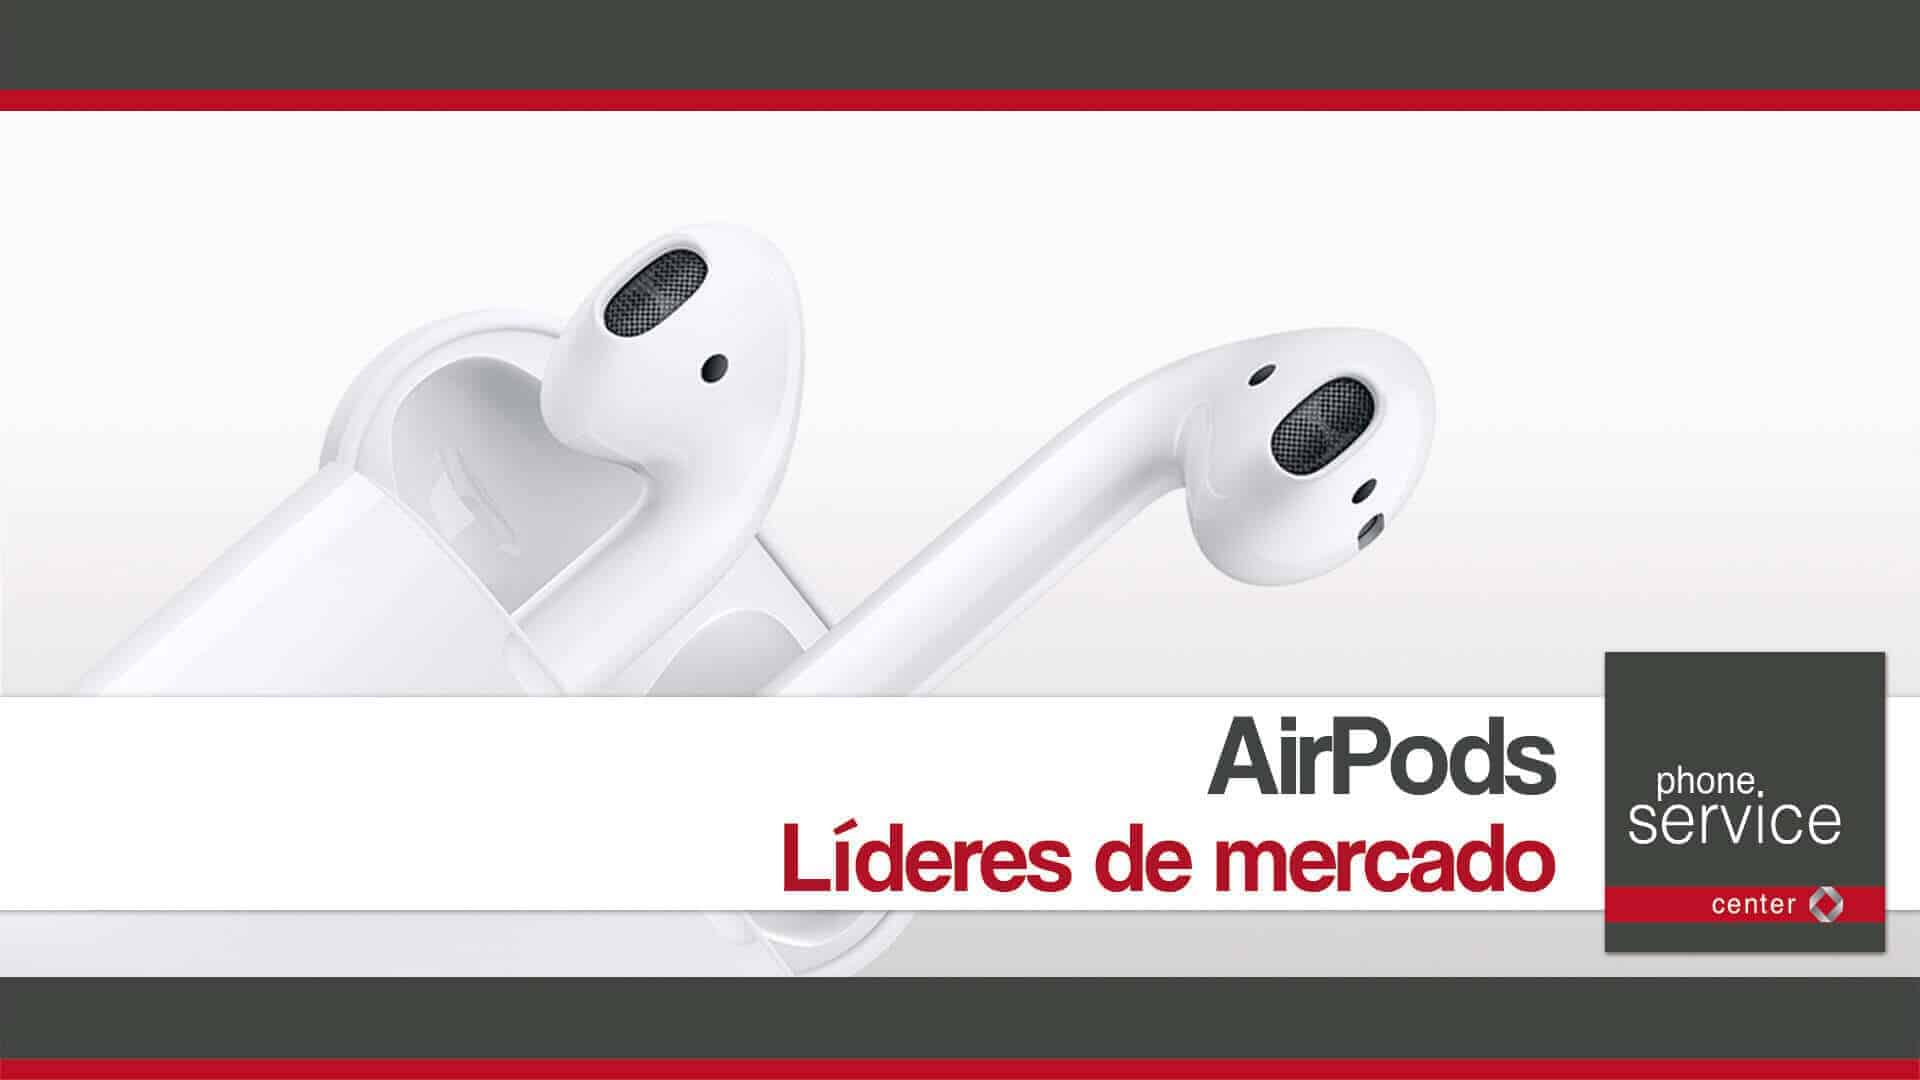 AirPods de Apple lideres de mercado